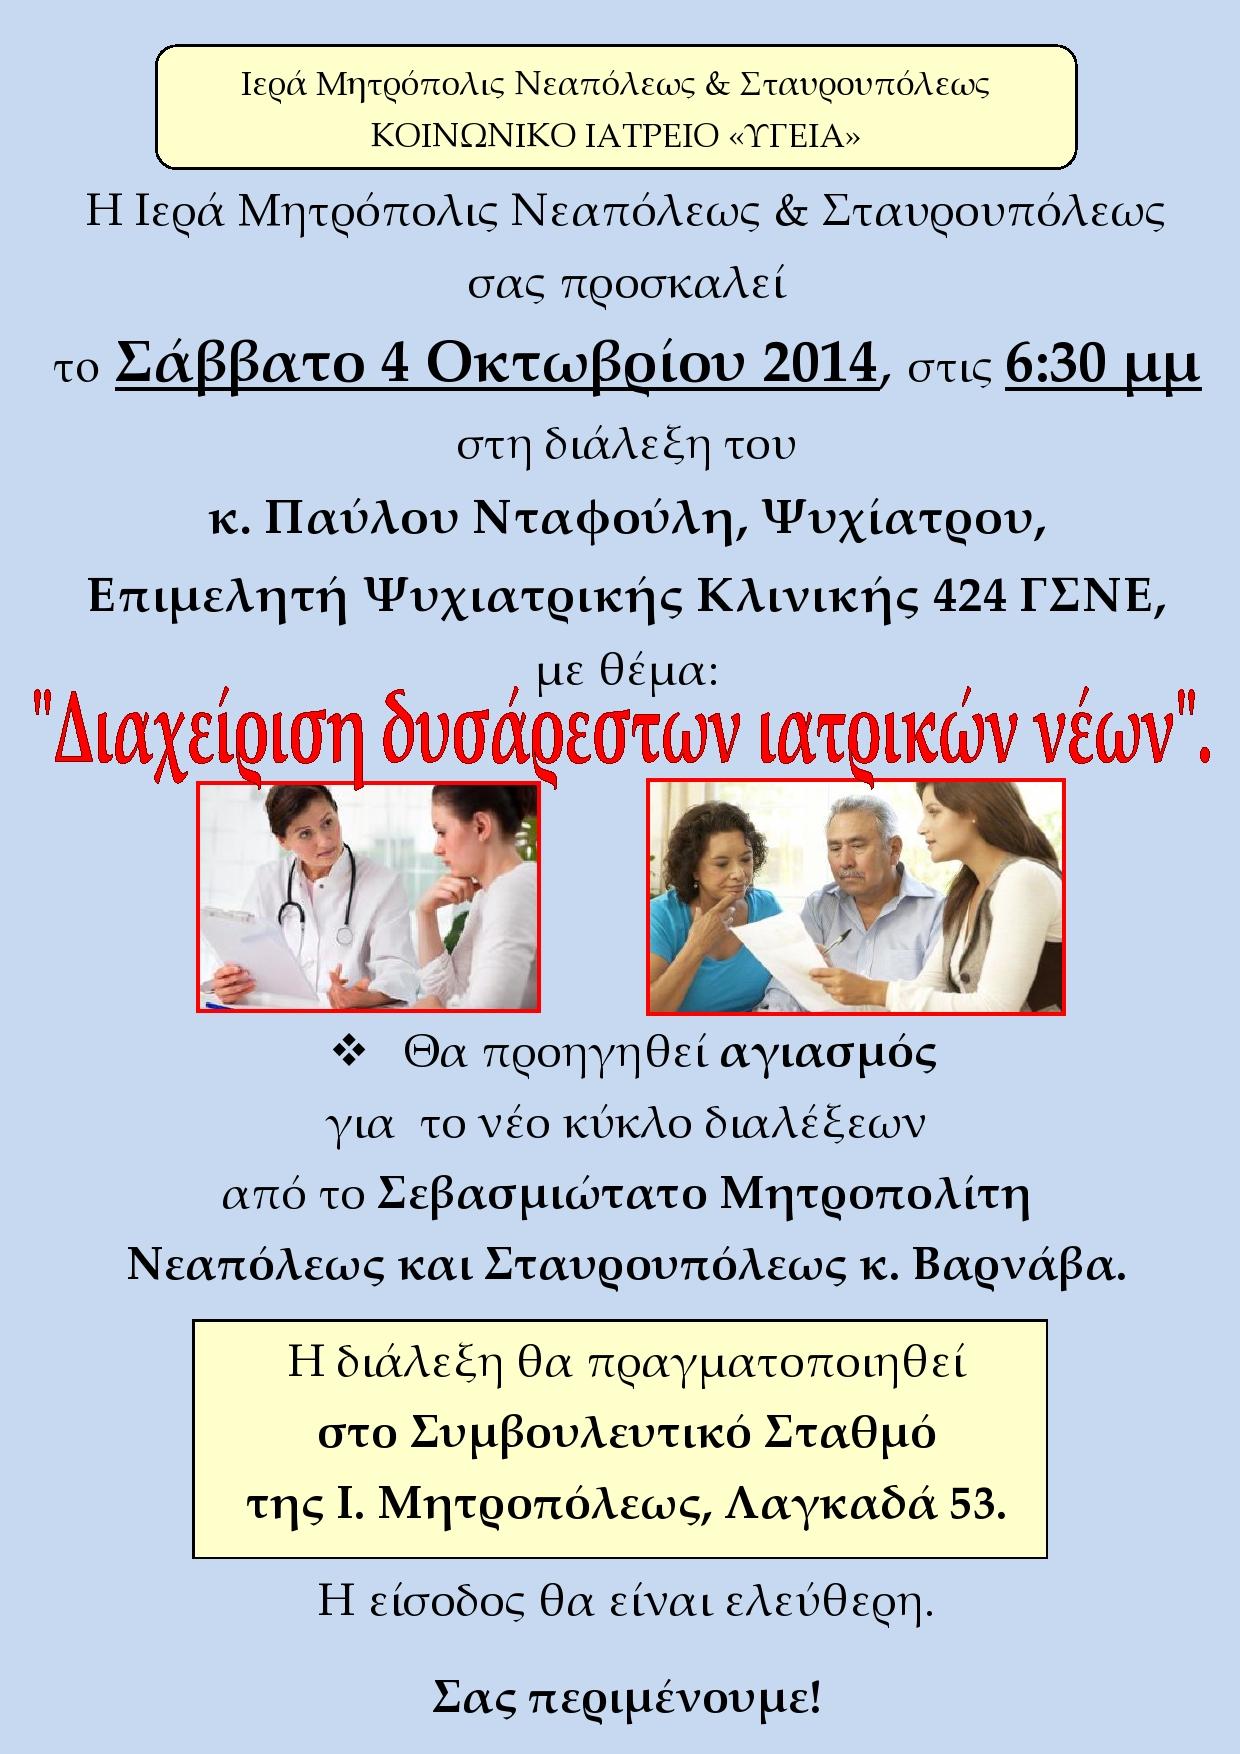 Διαχείριση δυσάρεστων ιατρικών νέων.